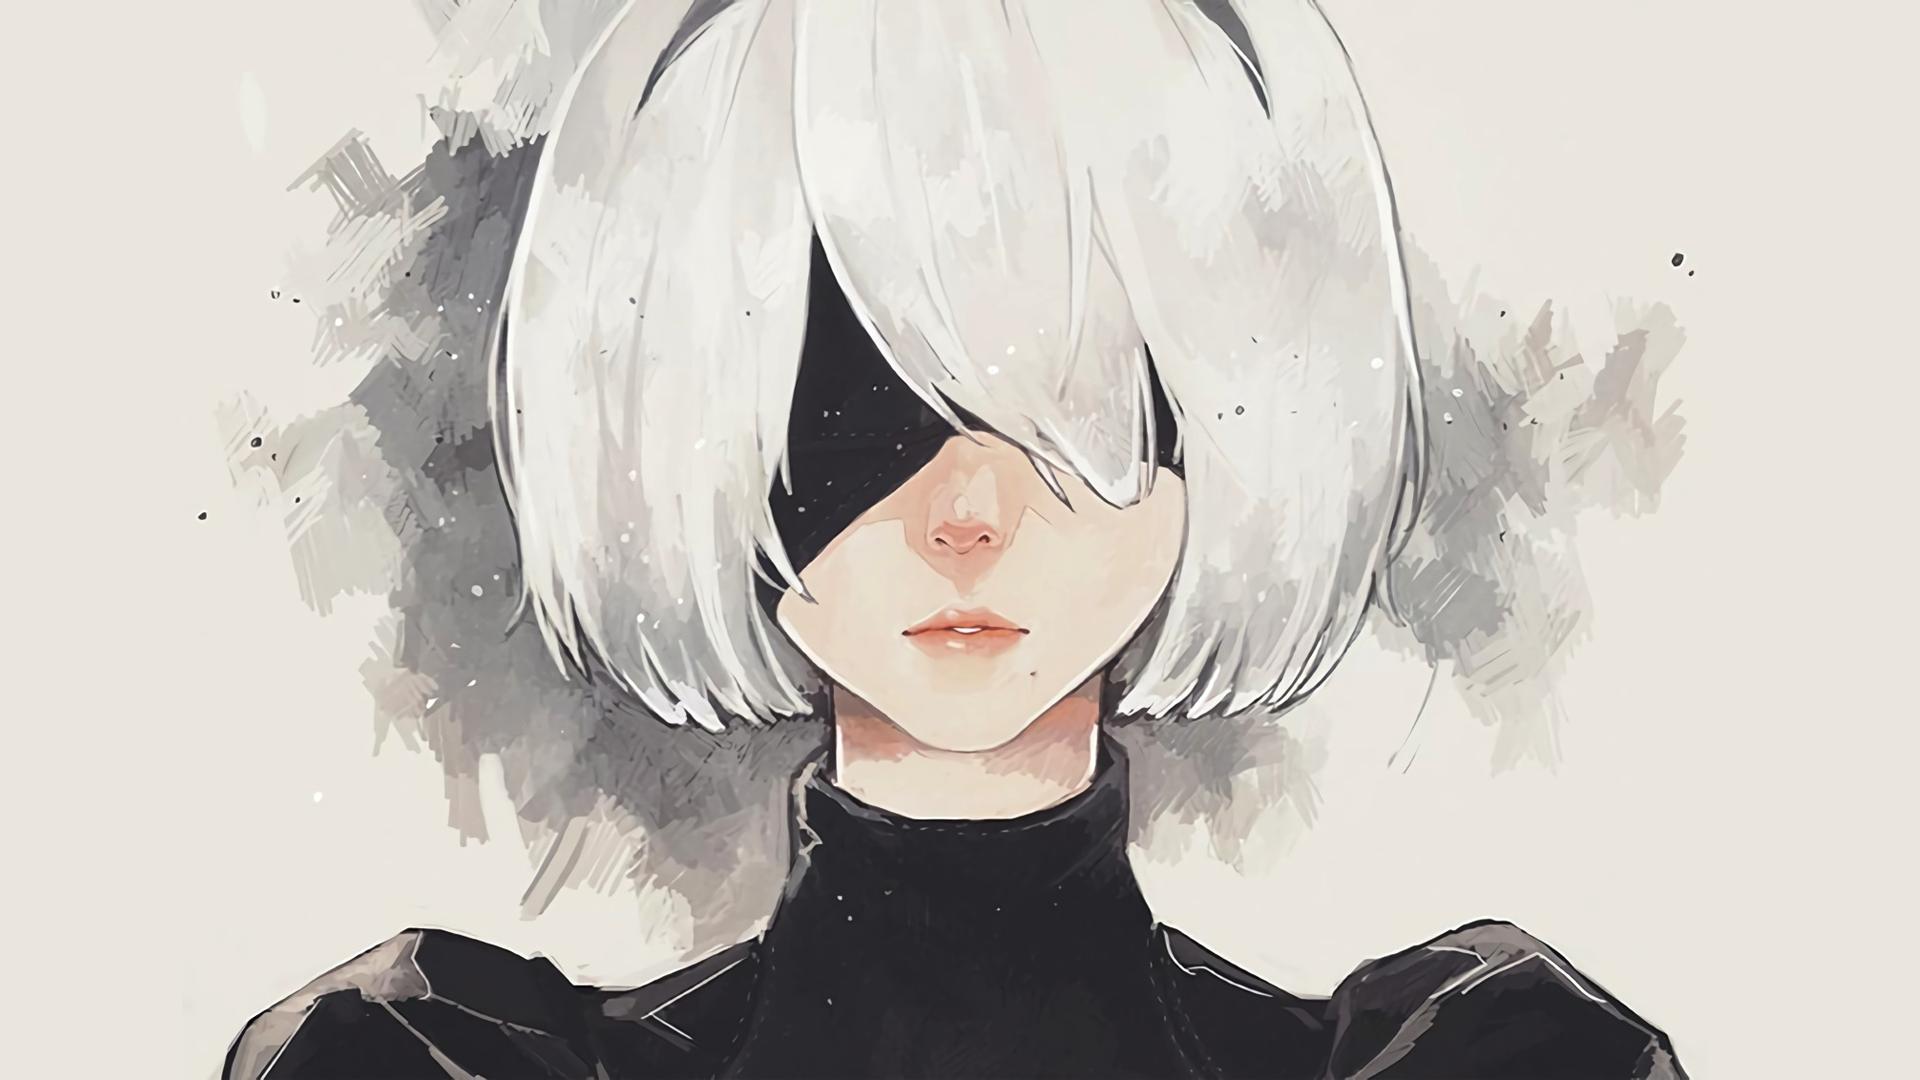 General 1920x1080 simple background white hair NieR Nier: Automata silver hair short hair 2B